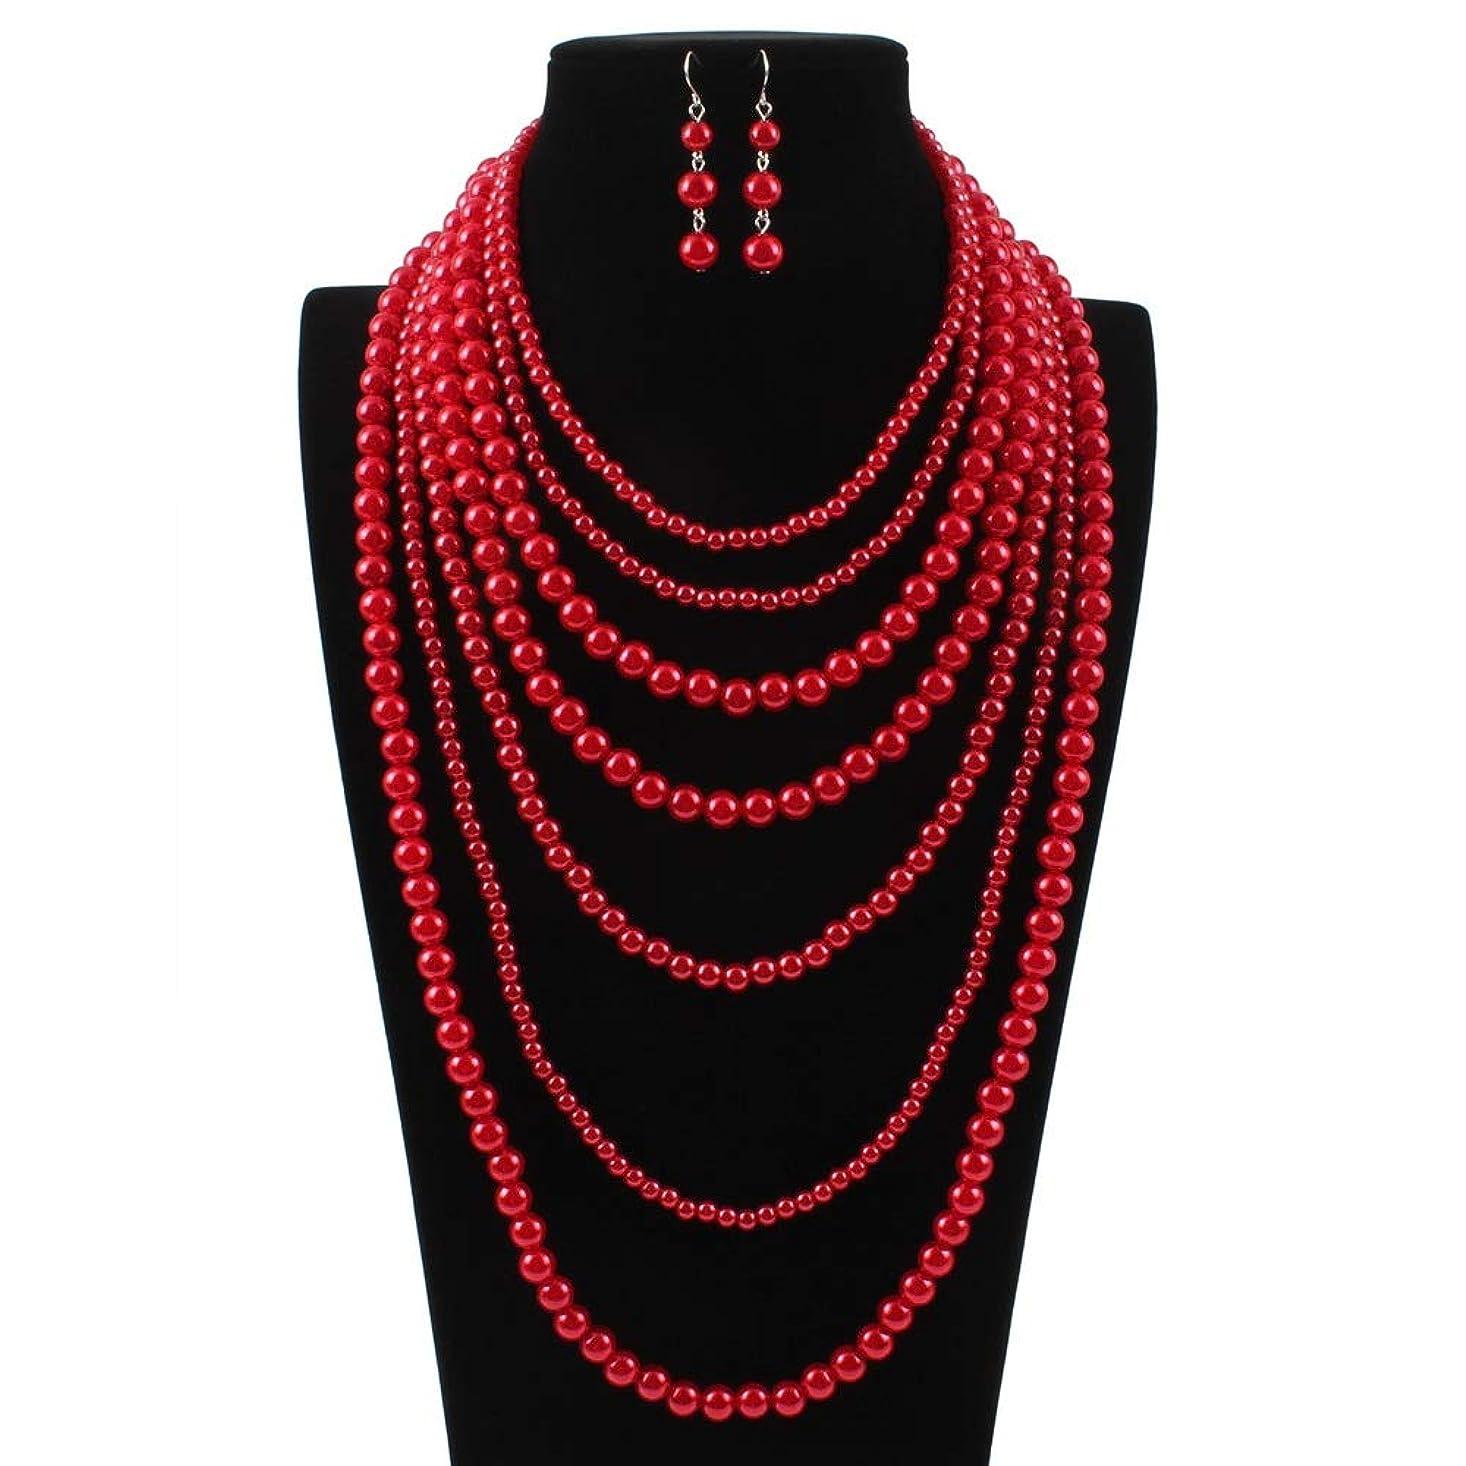 精緻化薬用驚ジュエリーセット 絶妙なジュエリーギフト女性多層ビーズステートメントネックレスイヤリングセット結婚式のためのギフト 婚約やパーティーなどの機会に適しています (Color : Red, Size : Free size)